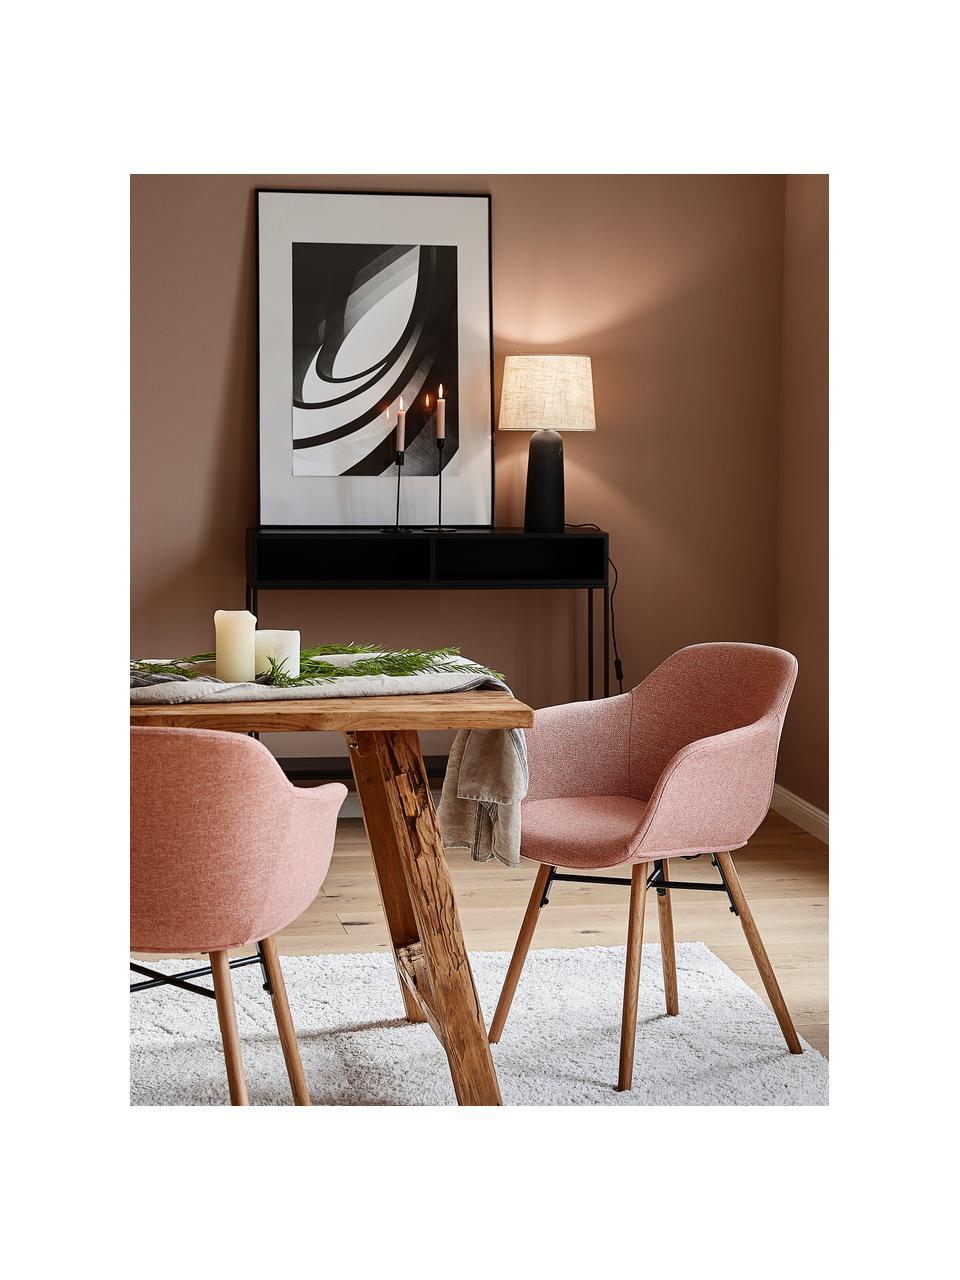 Krzesło z podłokietnikami z drewnianymi nogami Fiji, Tapicerka: poliester Dzięki tkaninie, Nogi: lite drewno dębowe, Blady różowy Nogi drewno dębowe, S 59 x G 55 cm